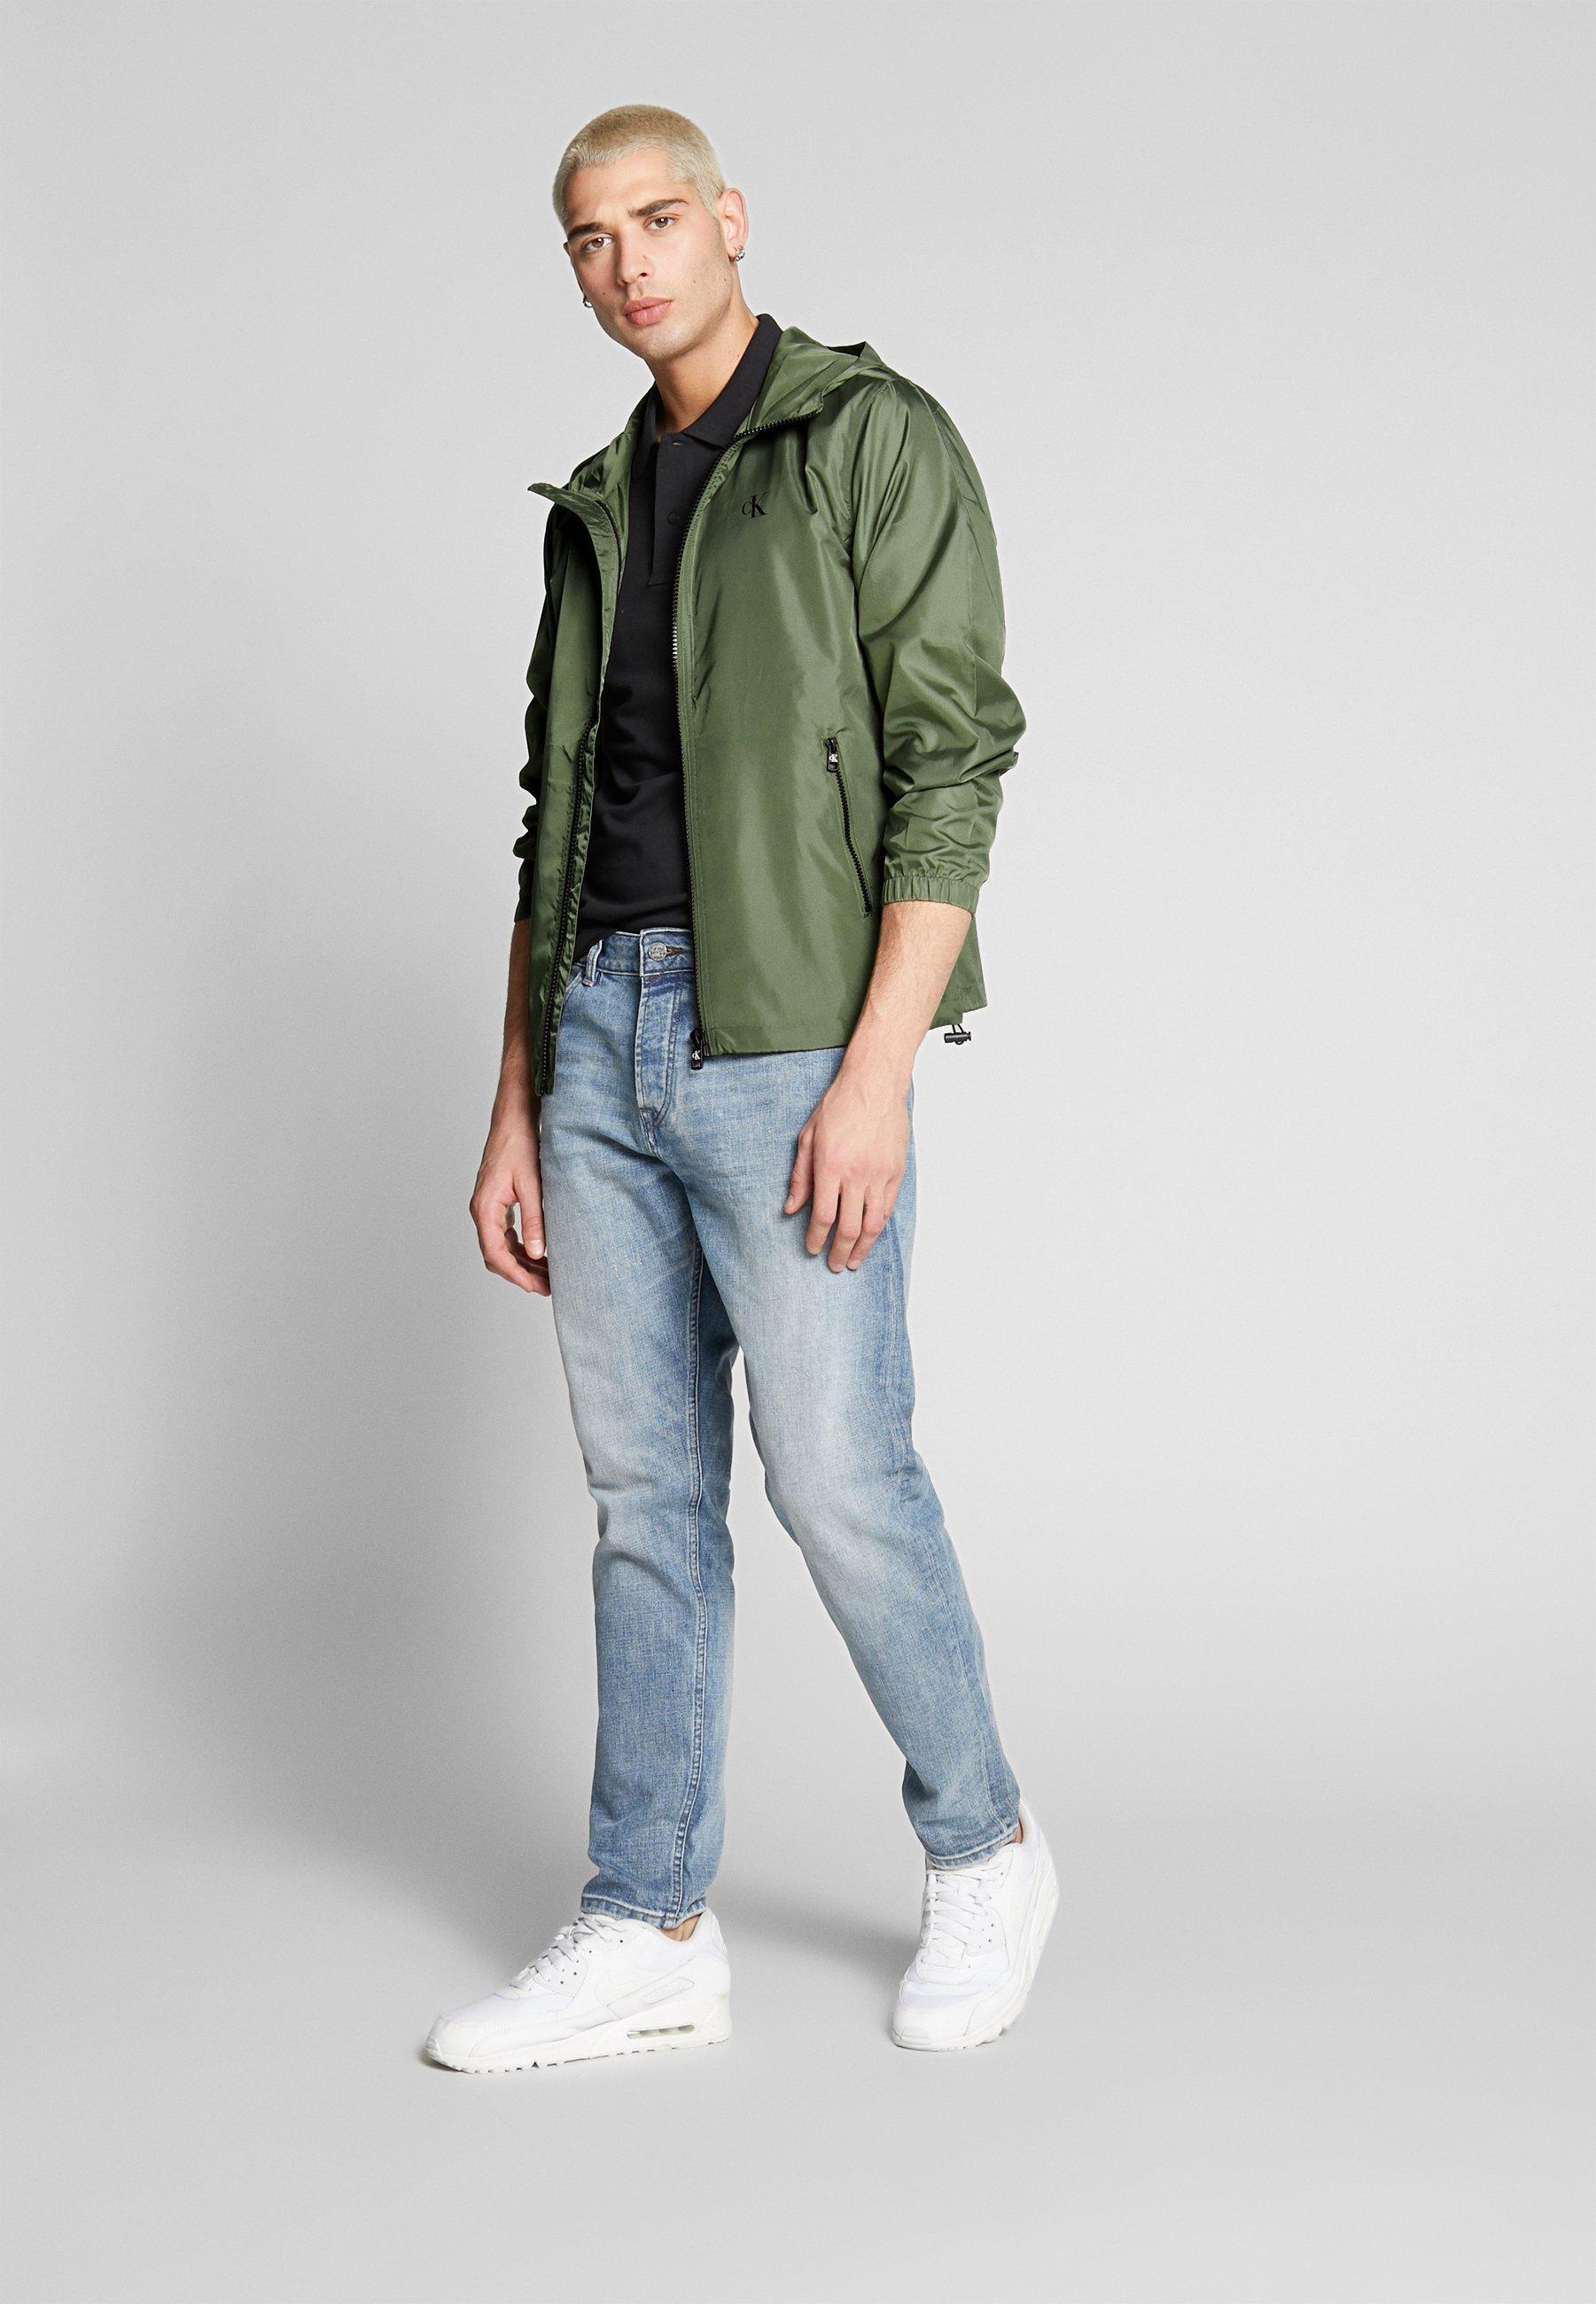 Kevyt takki Calvin Klein Jeans, koko M | Rekki